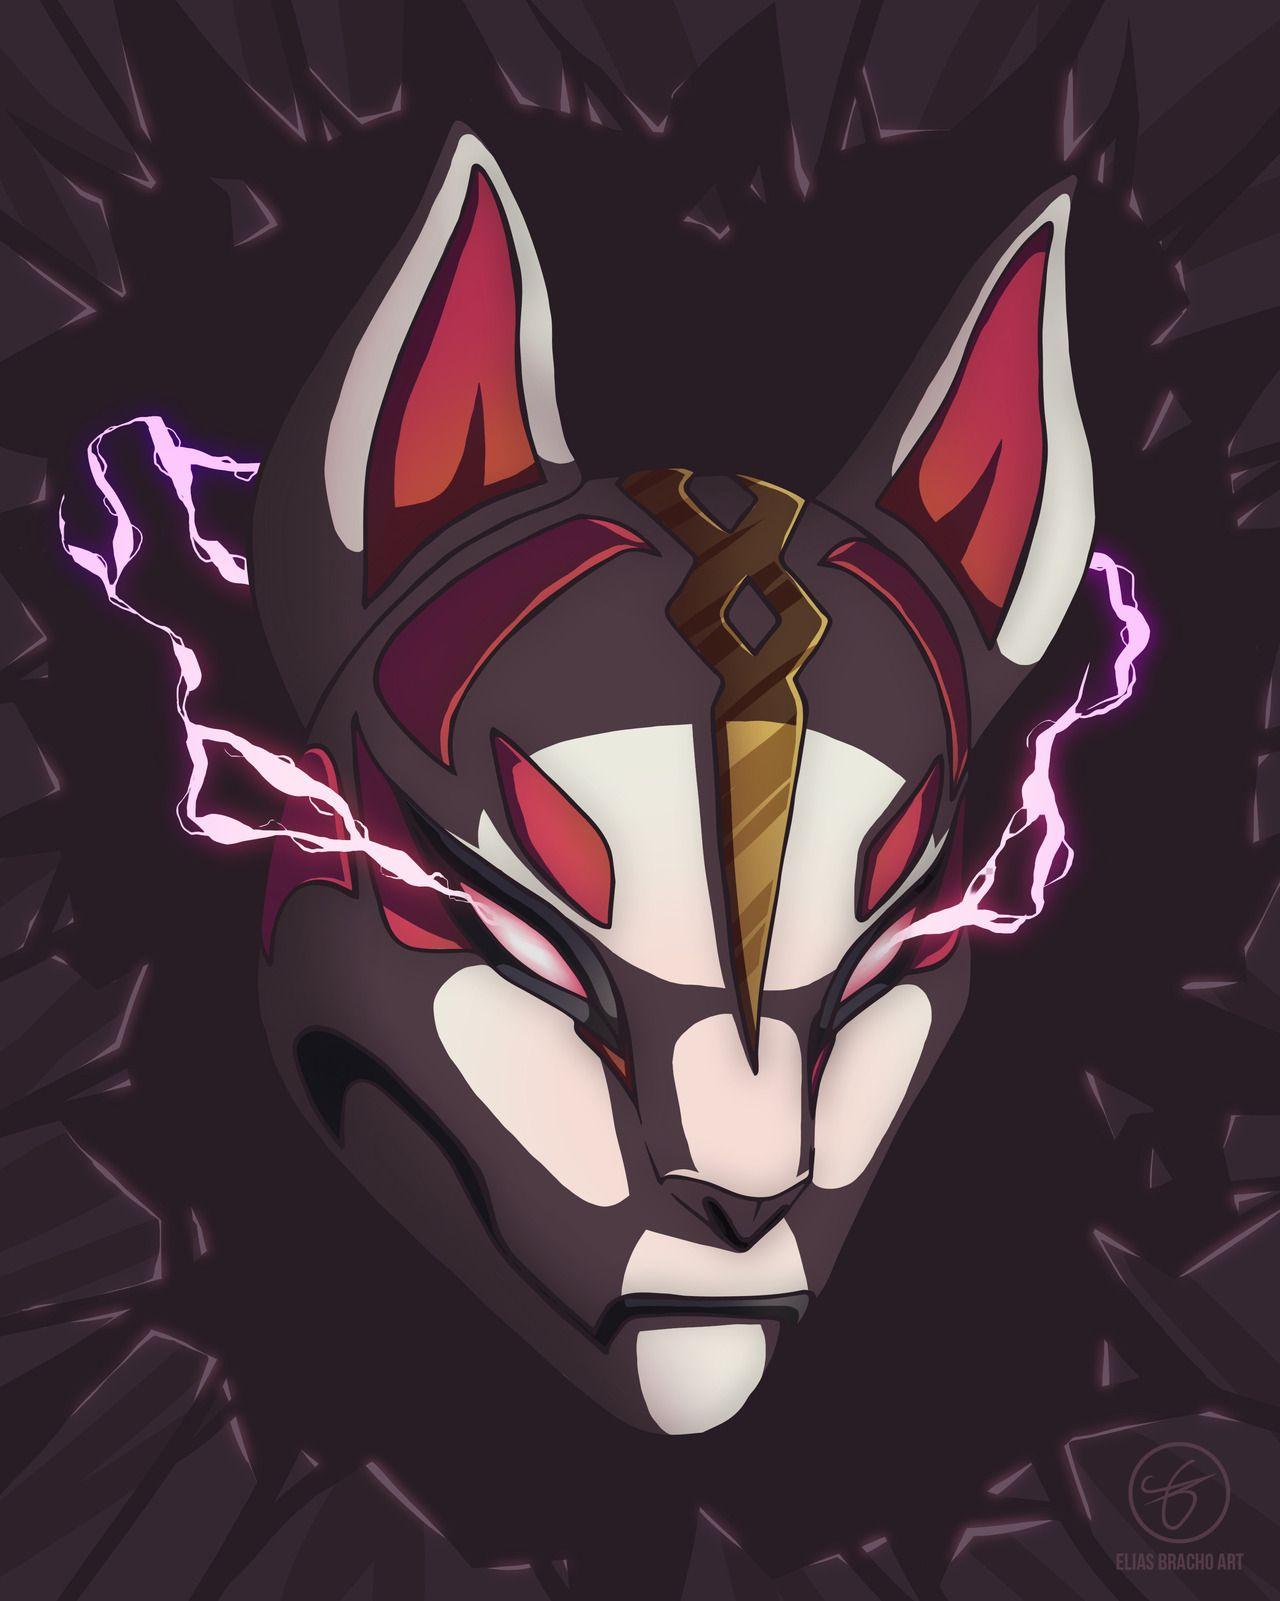 Fortnite Drift S Mask Fortnite Art In 2019 Video Game